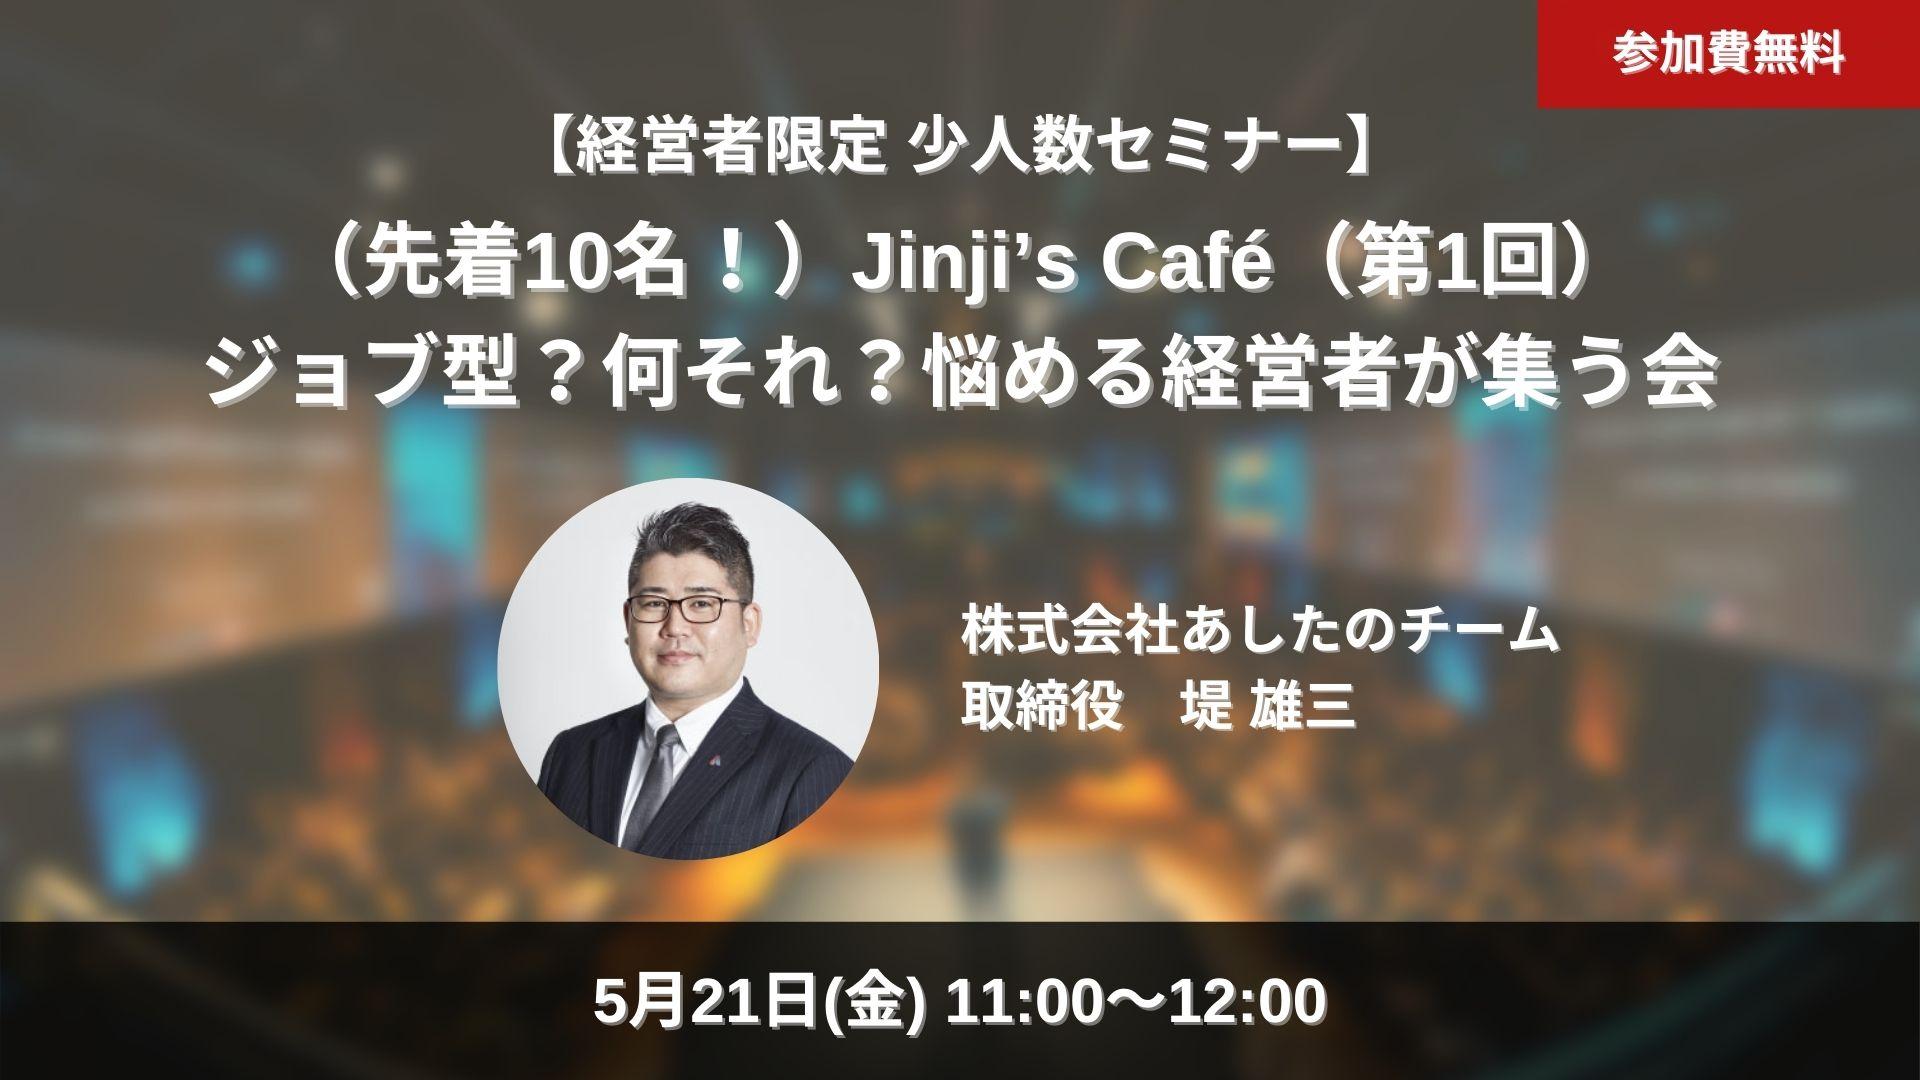 【申込終了】2021年5月21日(金)【経営者限定 少人数セミナー】 (先着10名!)Jinji's Café(第1回) ジョブ型?何それ?悩める経営者が集う会